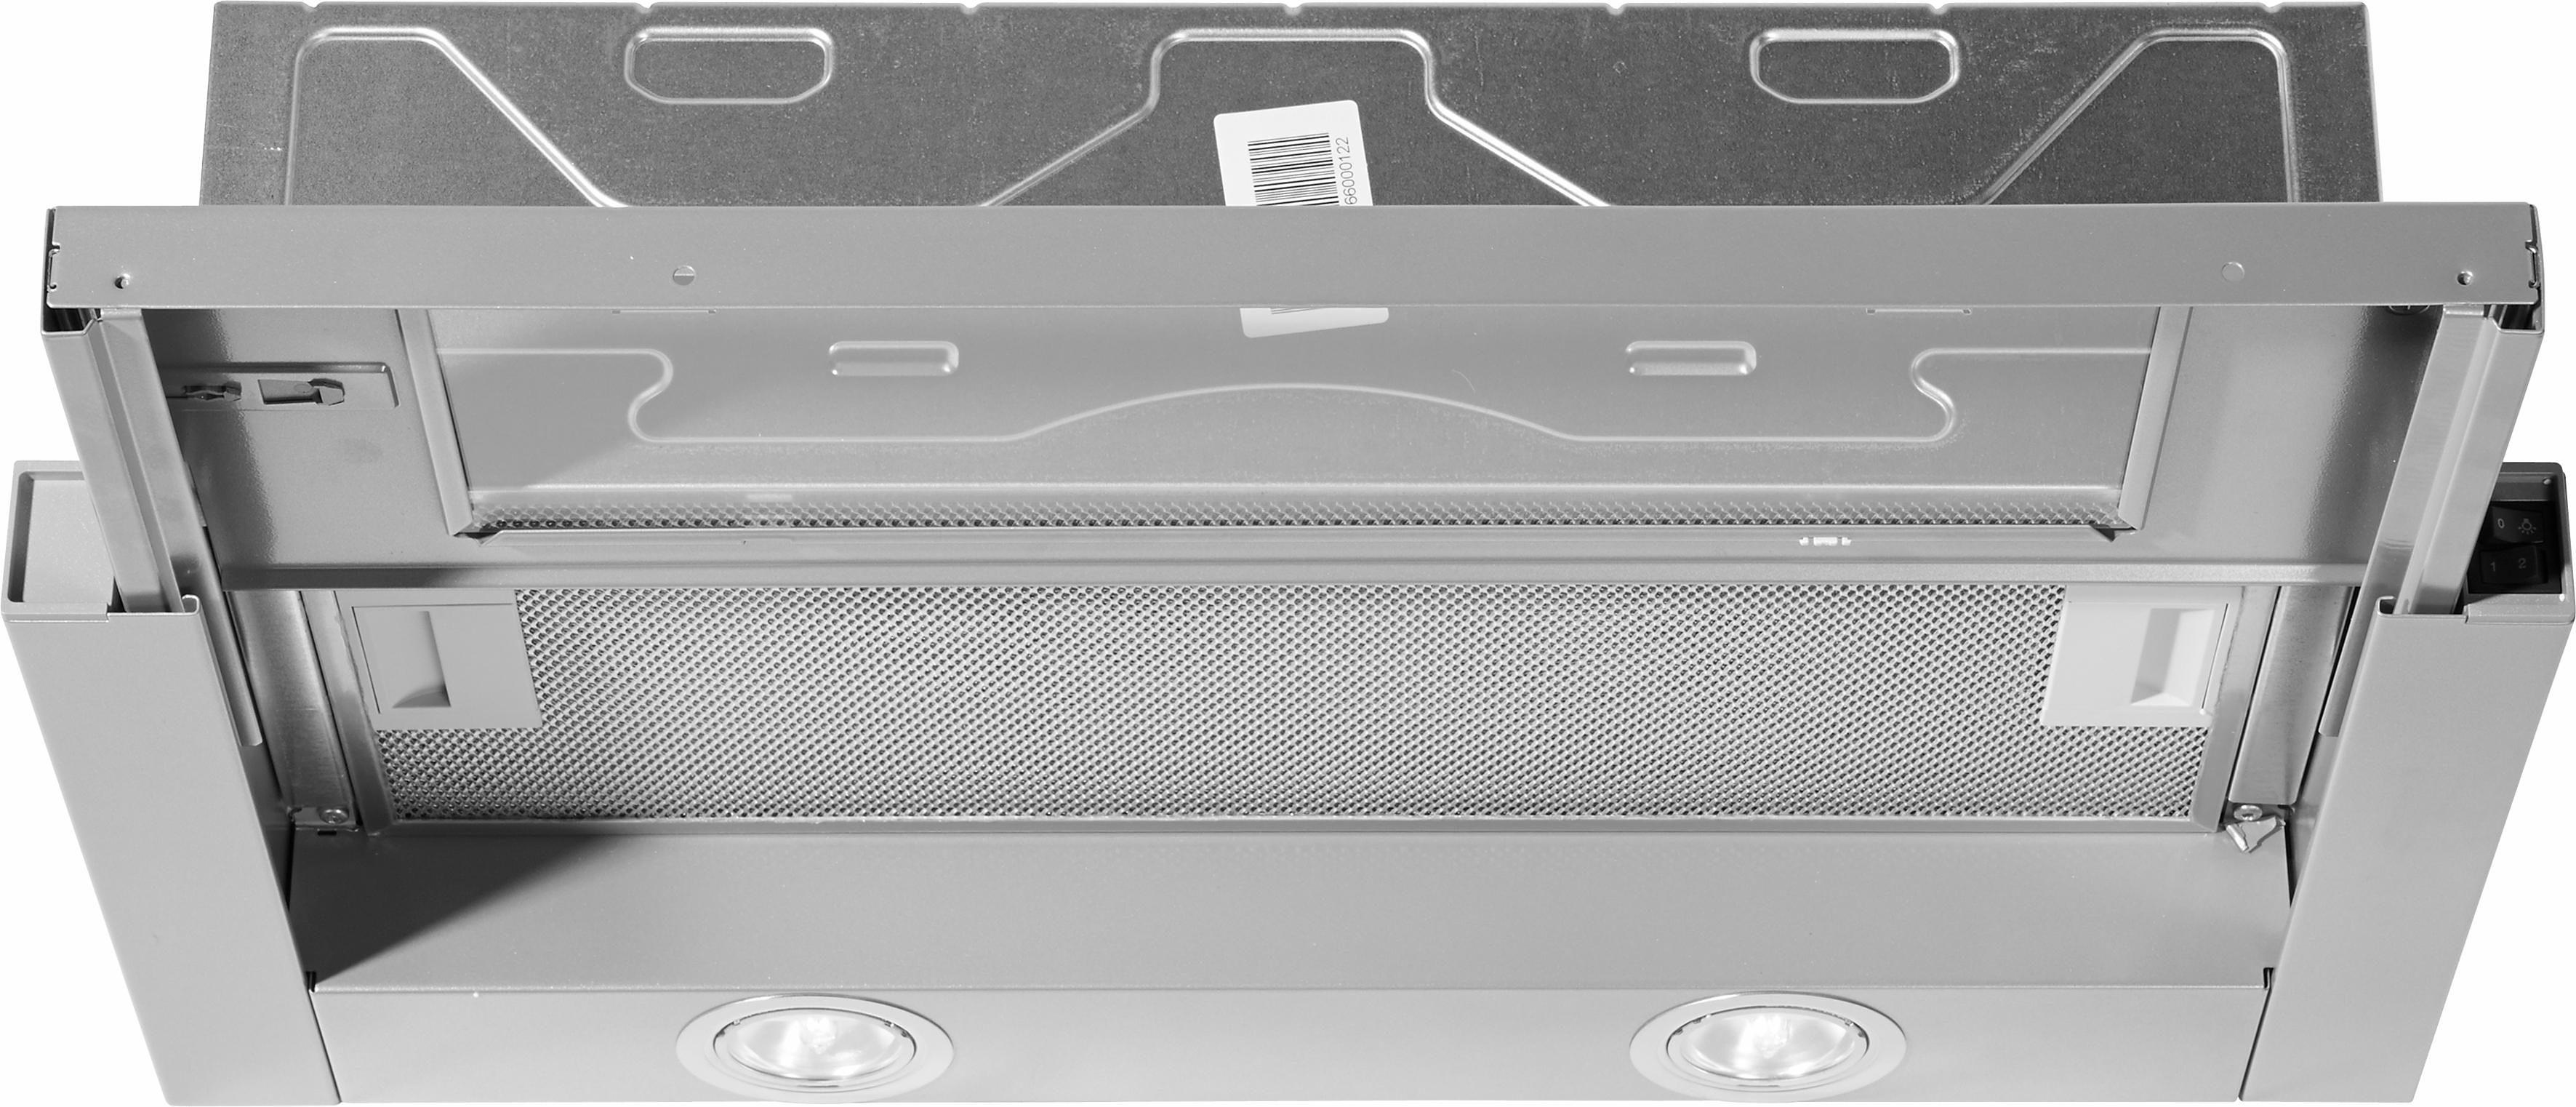 Siemens Flachschirmhaube LI63LA520, C